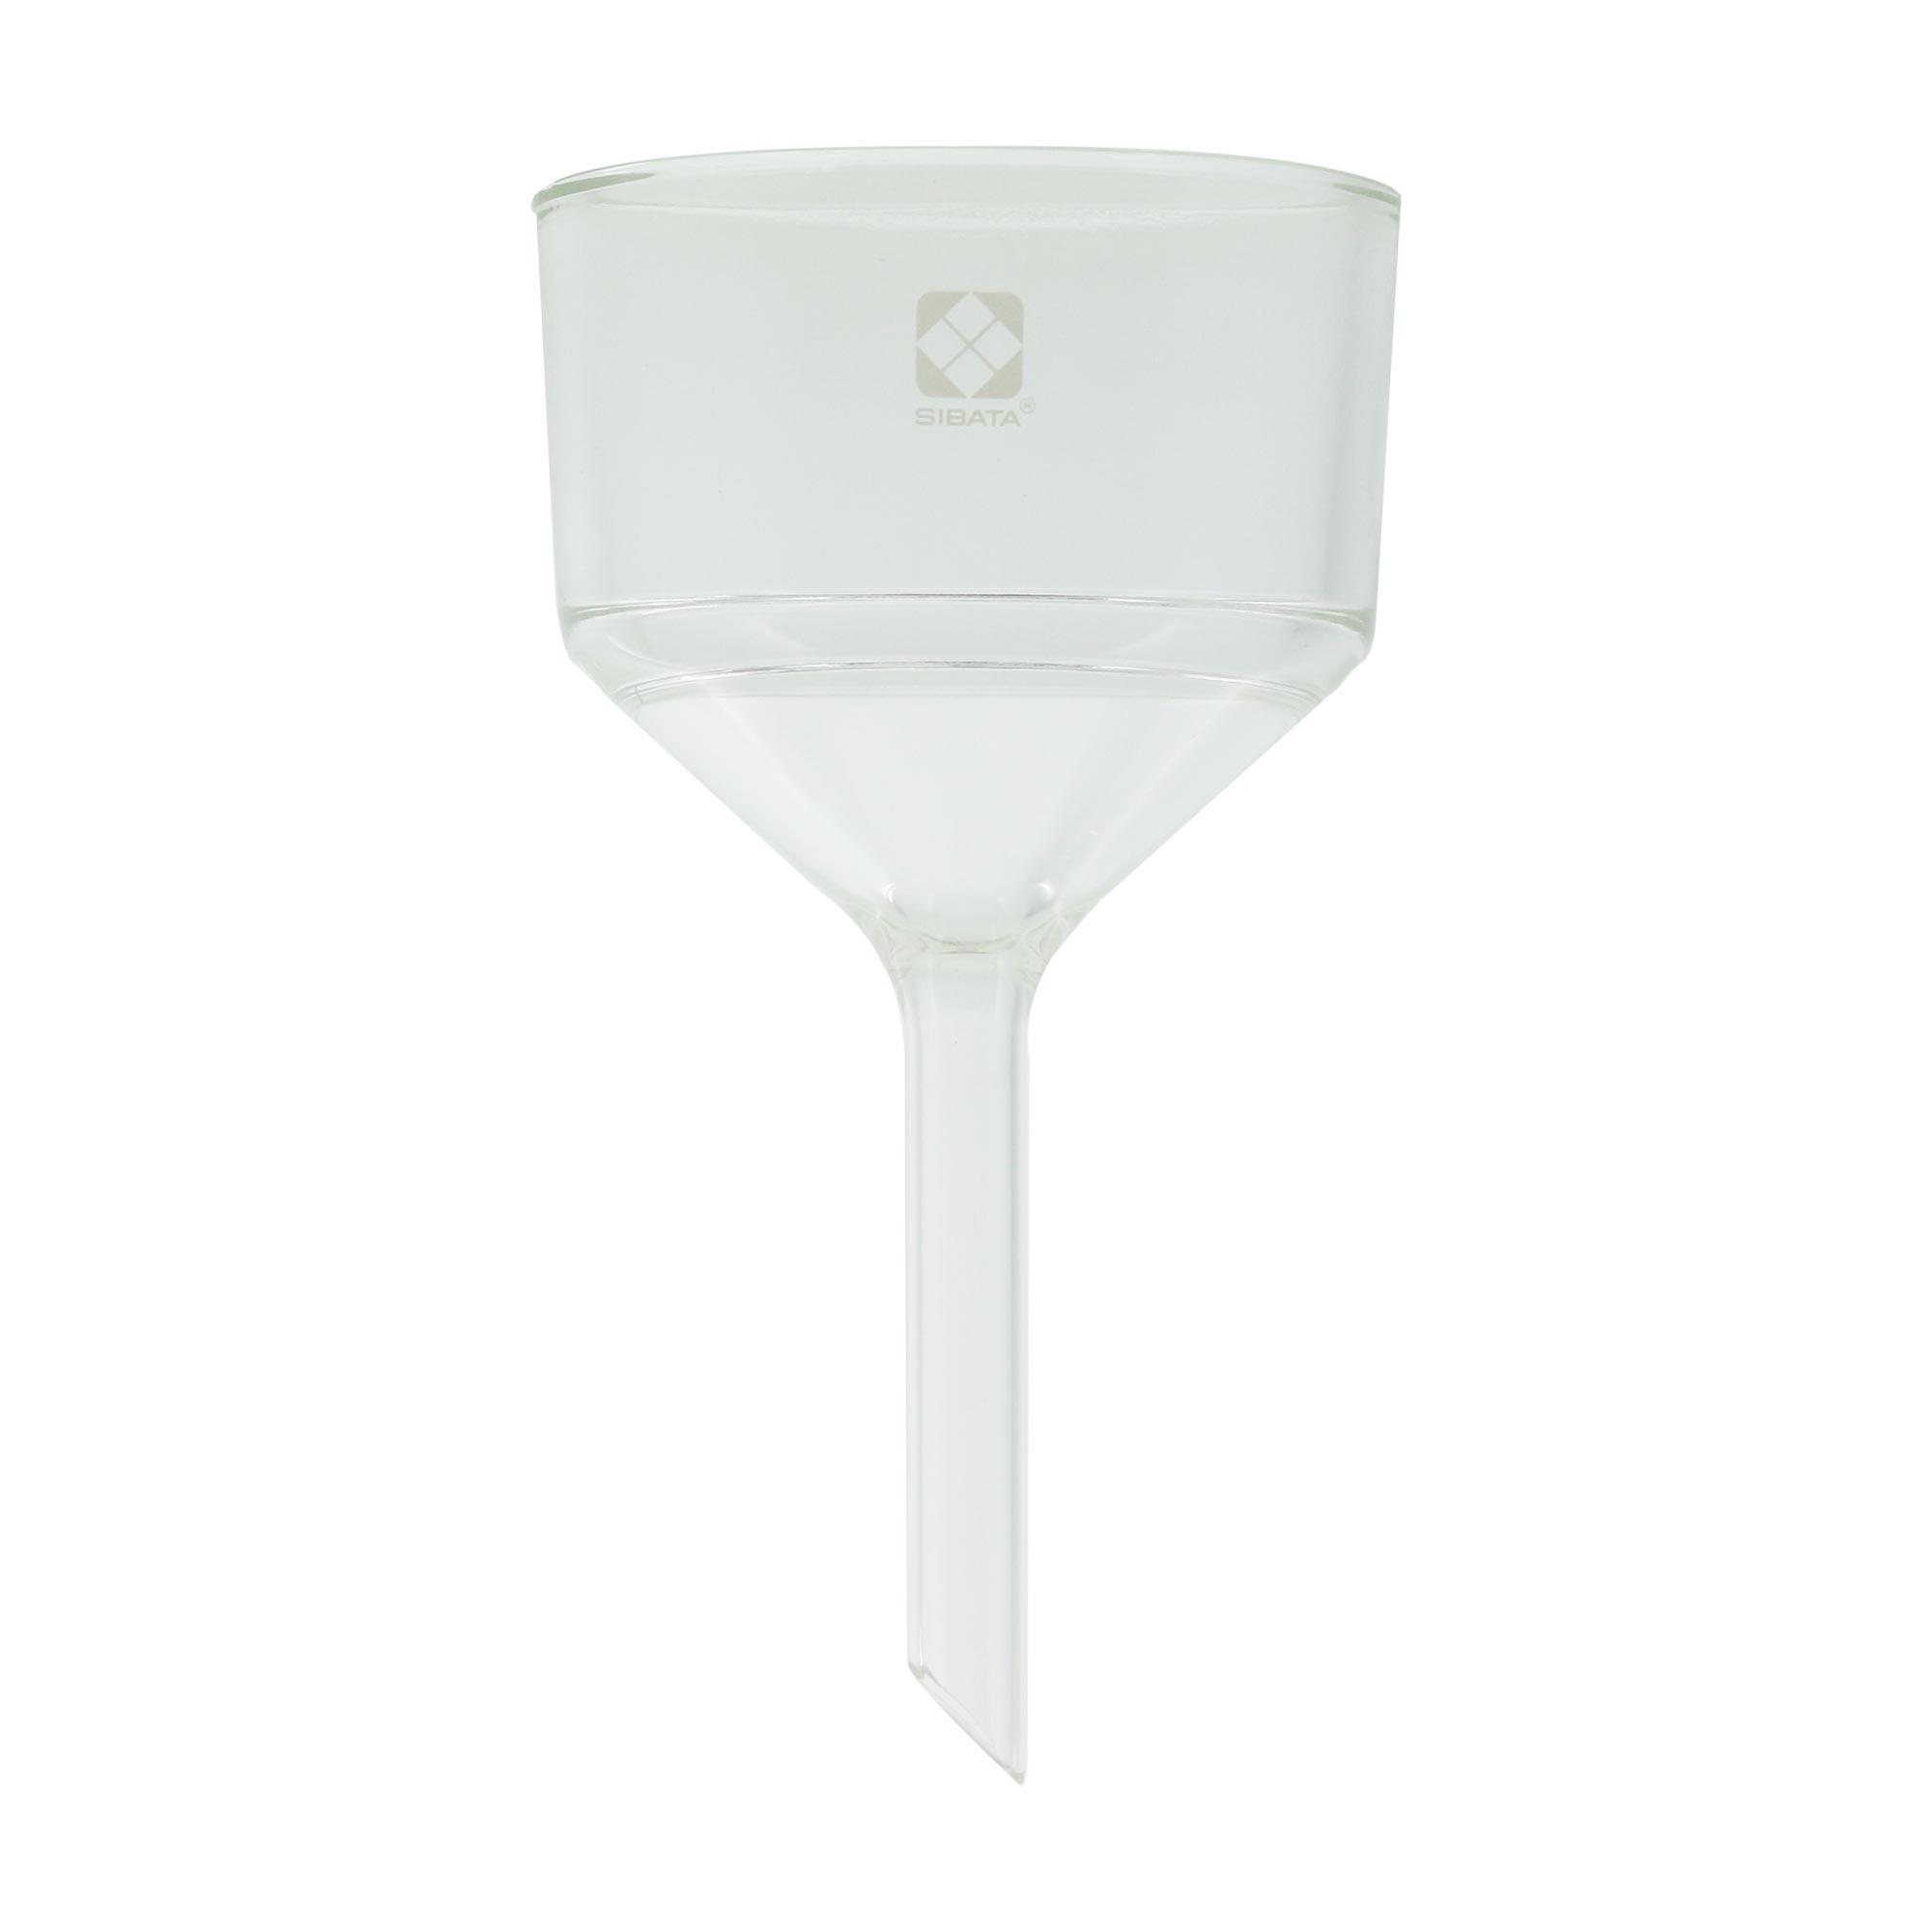 015380-070 ブフナーロート 分離形 PTFE目皿付 φ77mm 180mL 柴田科学(SIBATA)